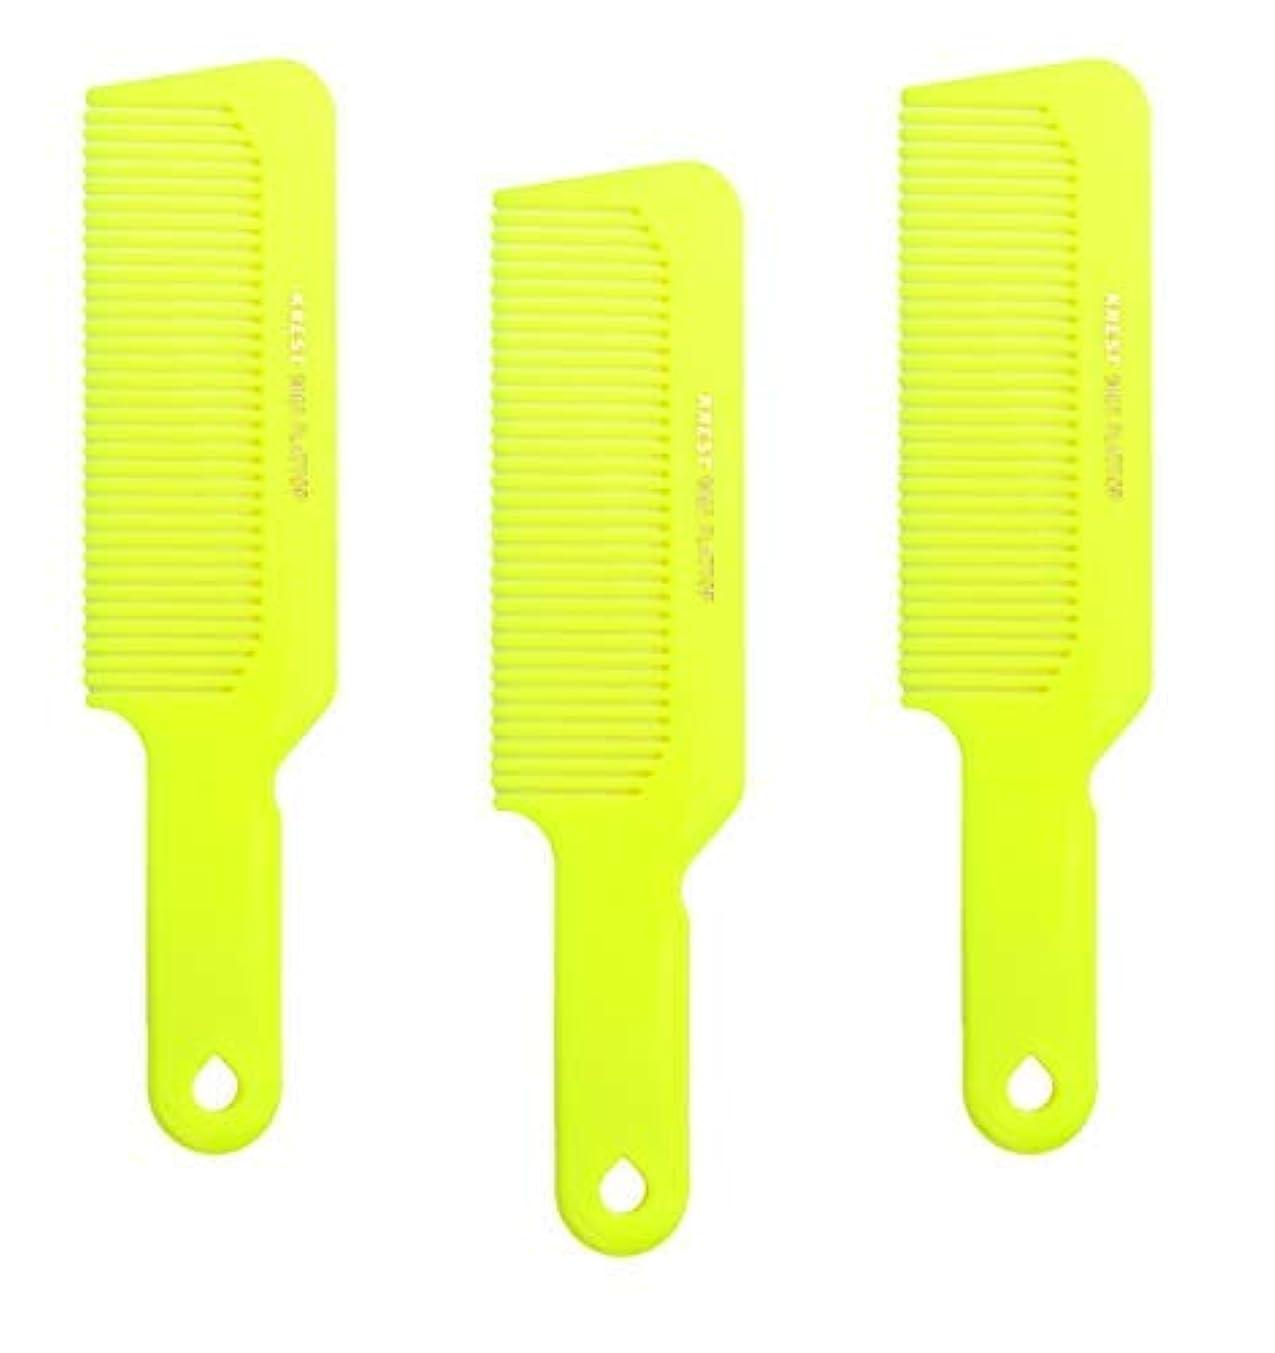 軽くこどもセンター投資するHair Comb 8-3/4 Flattop Hair Cutting Comb. Barbers Hairdresser Comb. Model 9001. 3 Combs (Neon Yellow) [並行輸入品]